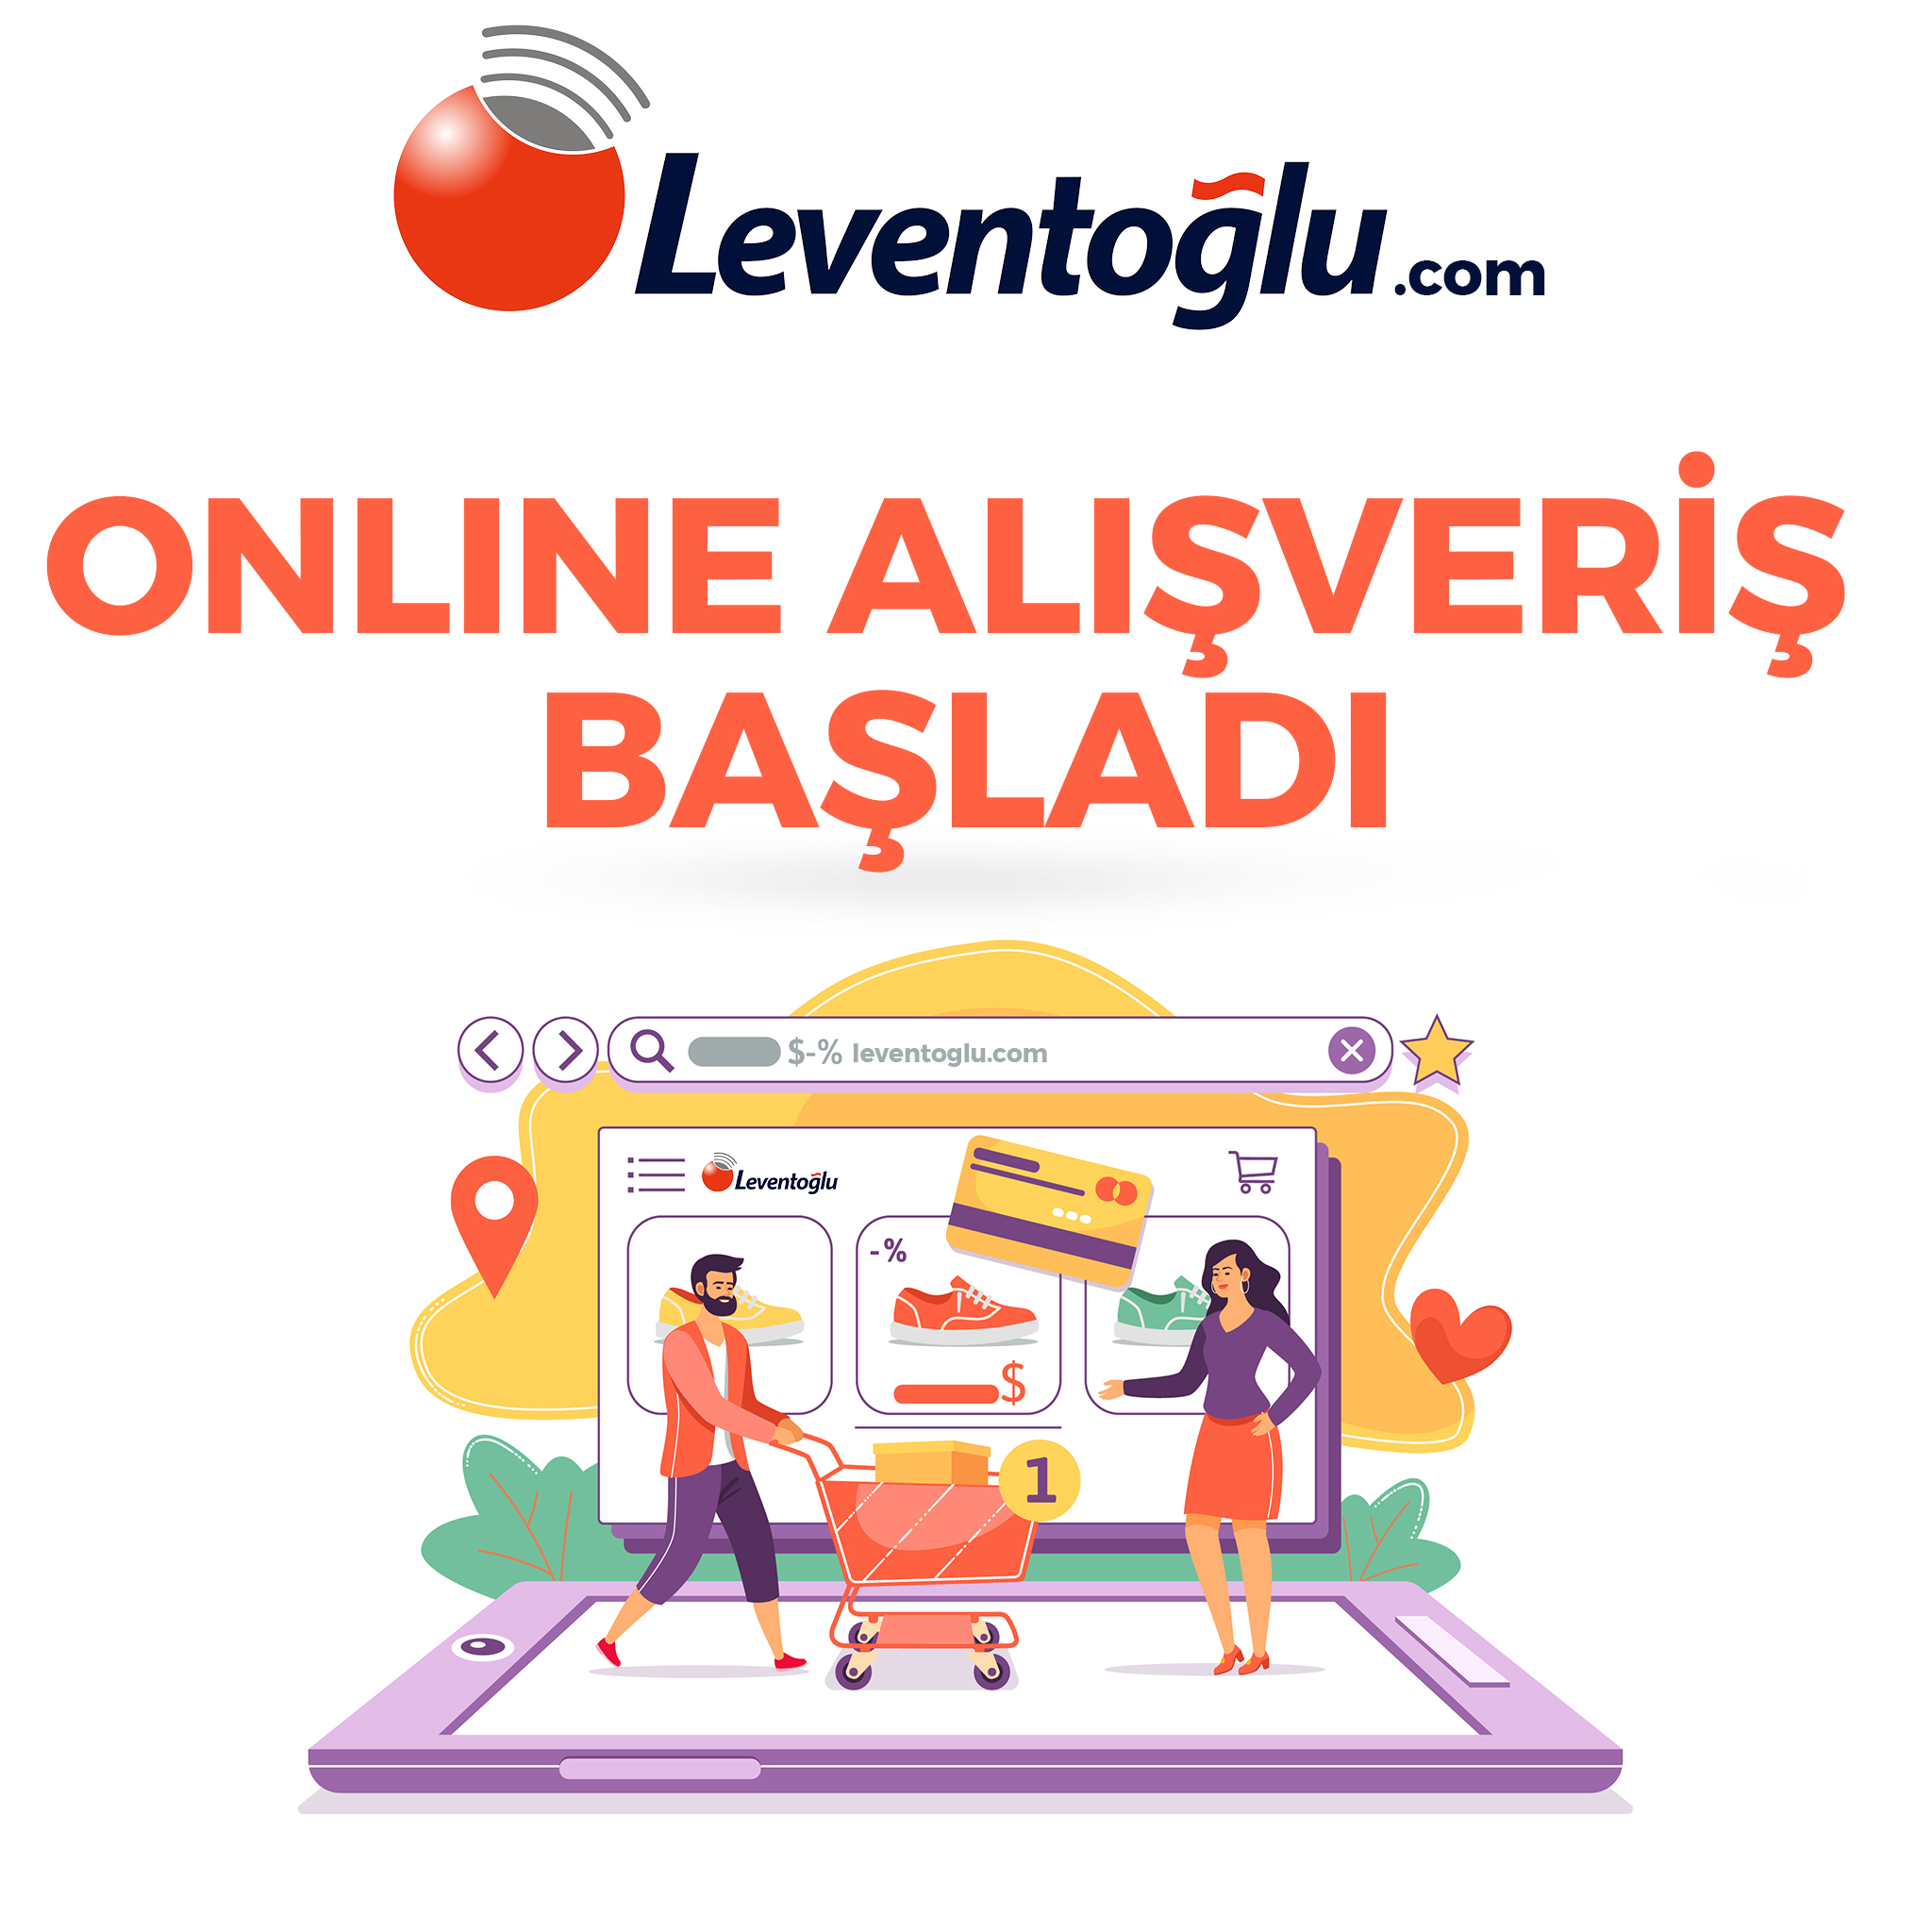 onlinealisveris.jpg-mobil